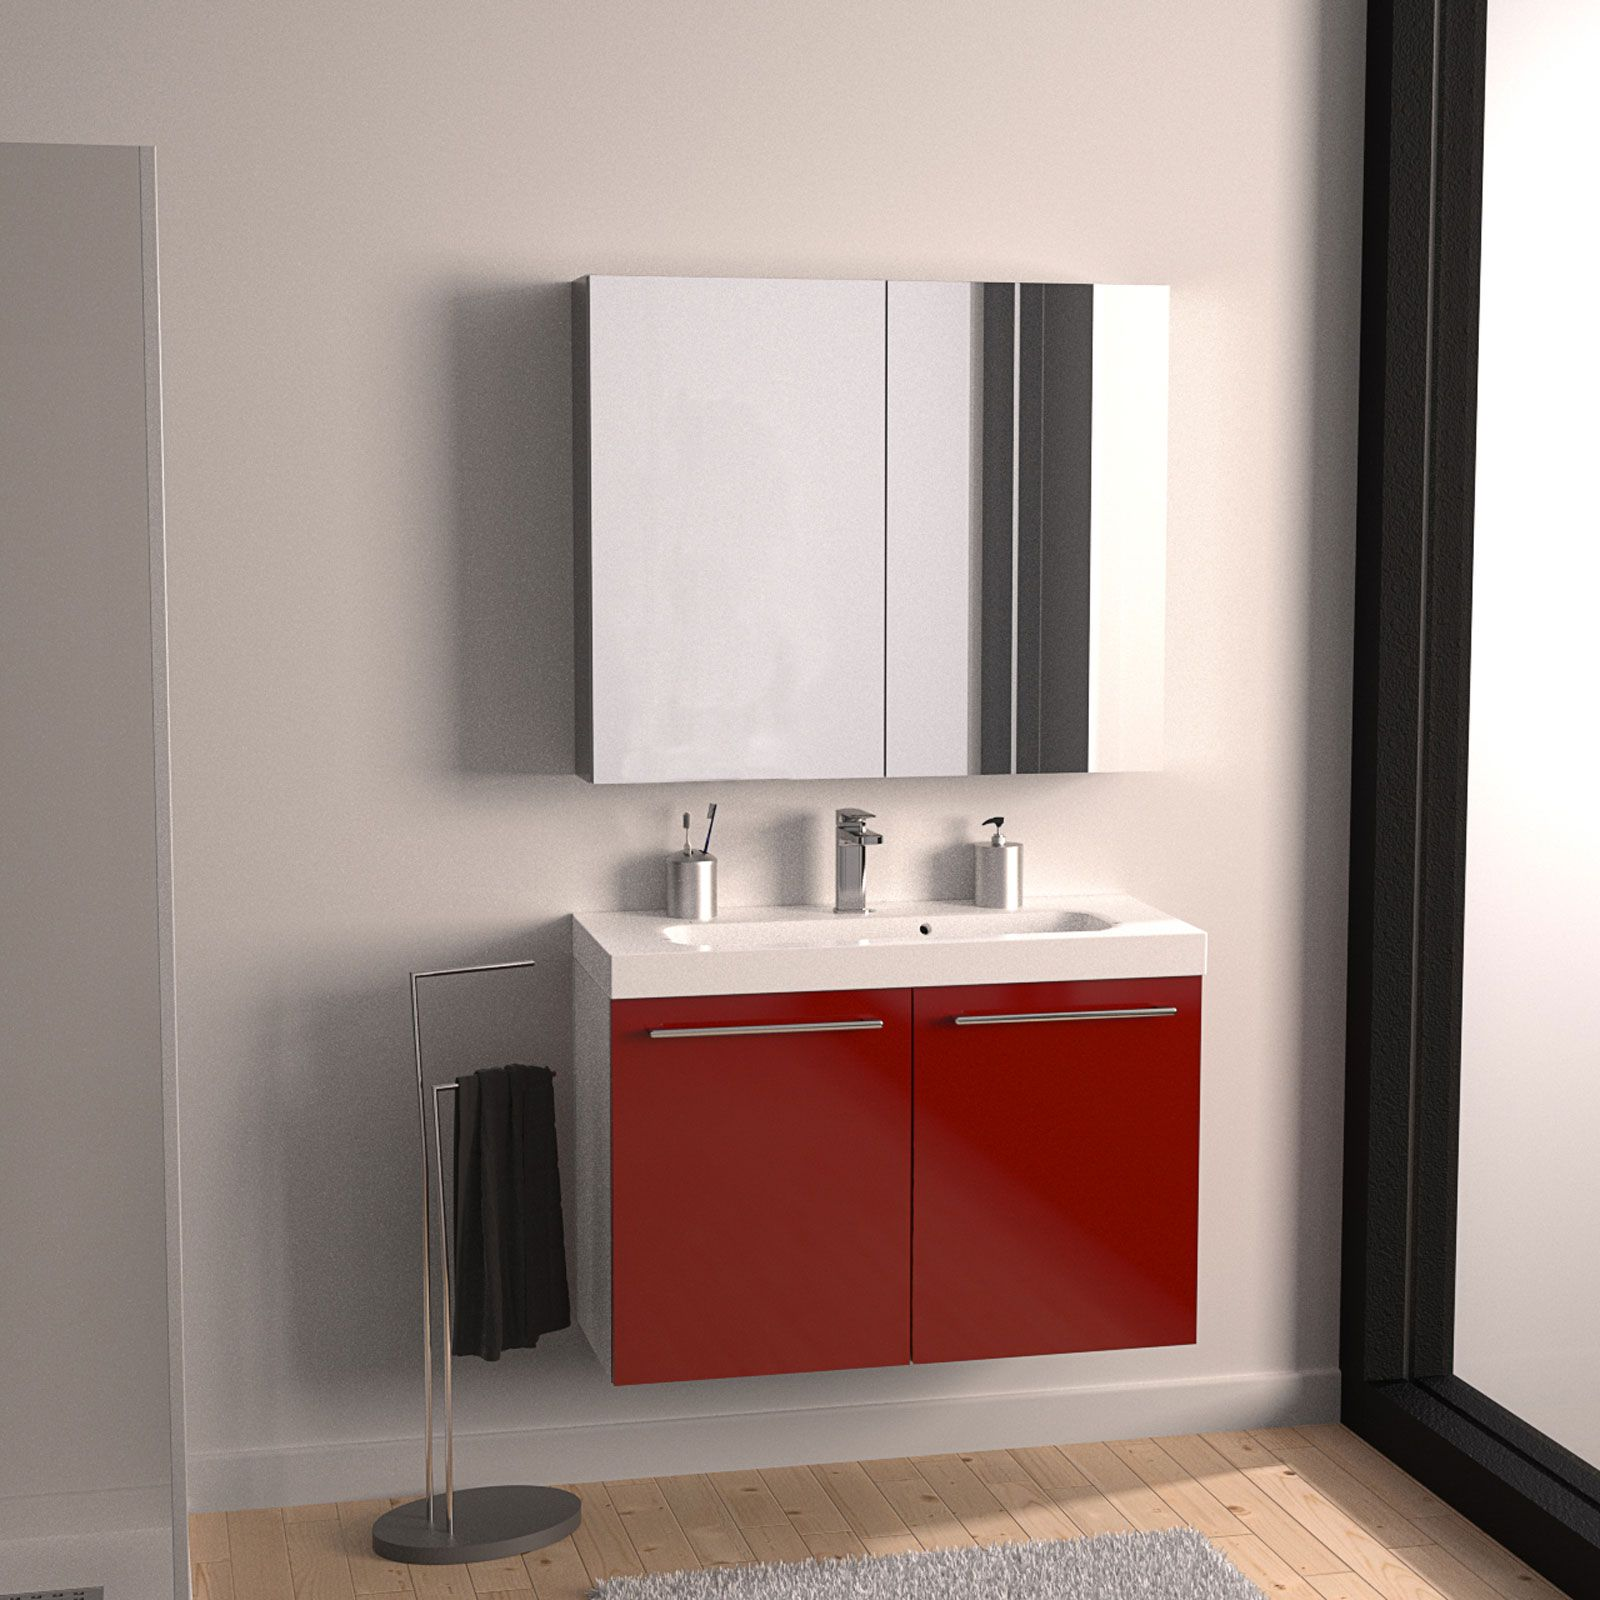 Ha finitura rosso lucido il mobile lavabo Remix 2 di Leroy Merlin